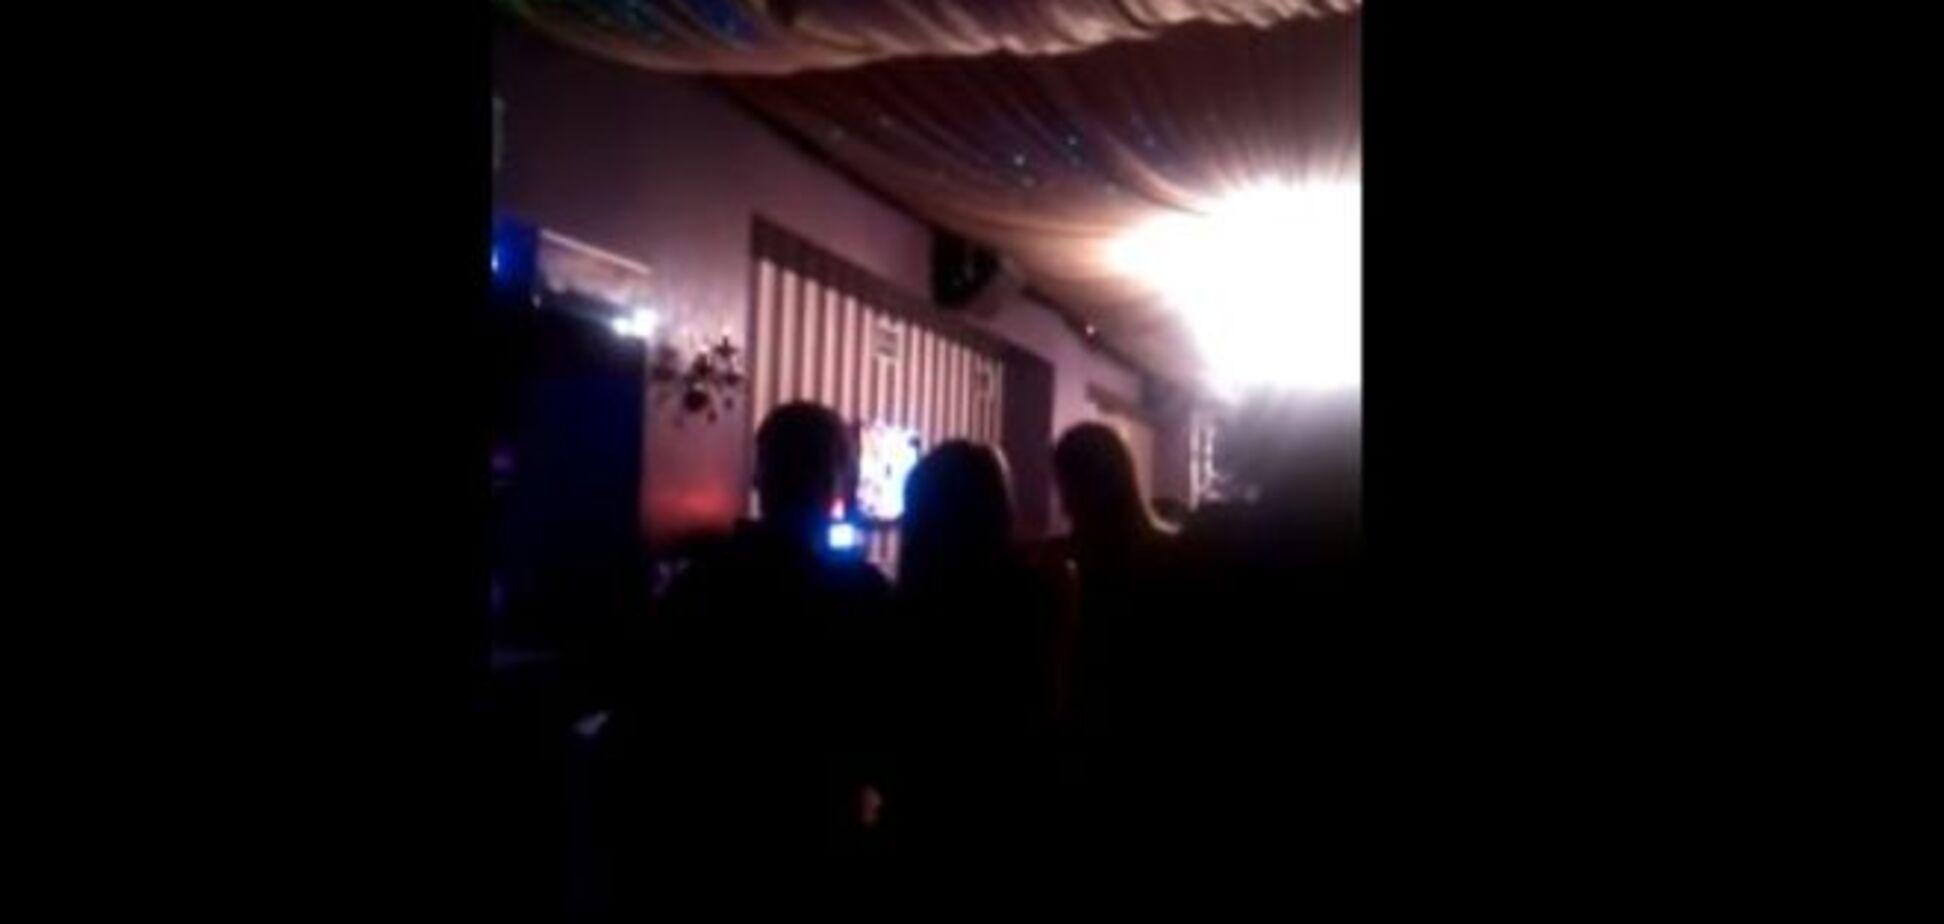 Полицаи 'ДНР' собирают боевиков для Моторолы в злачных местах Донецка: видеофакт